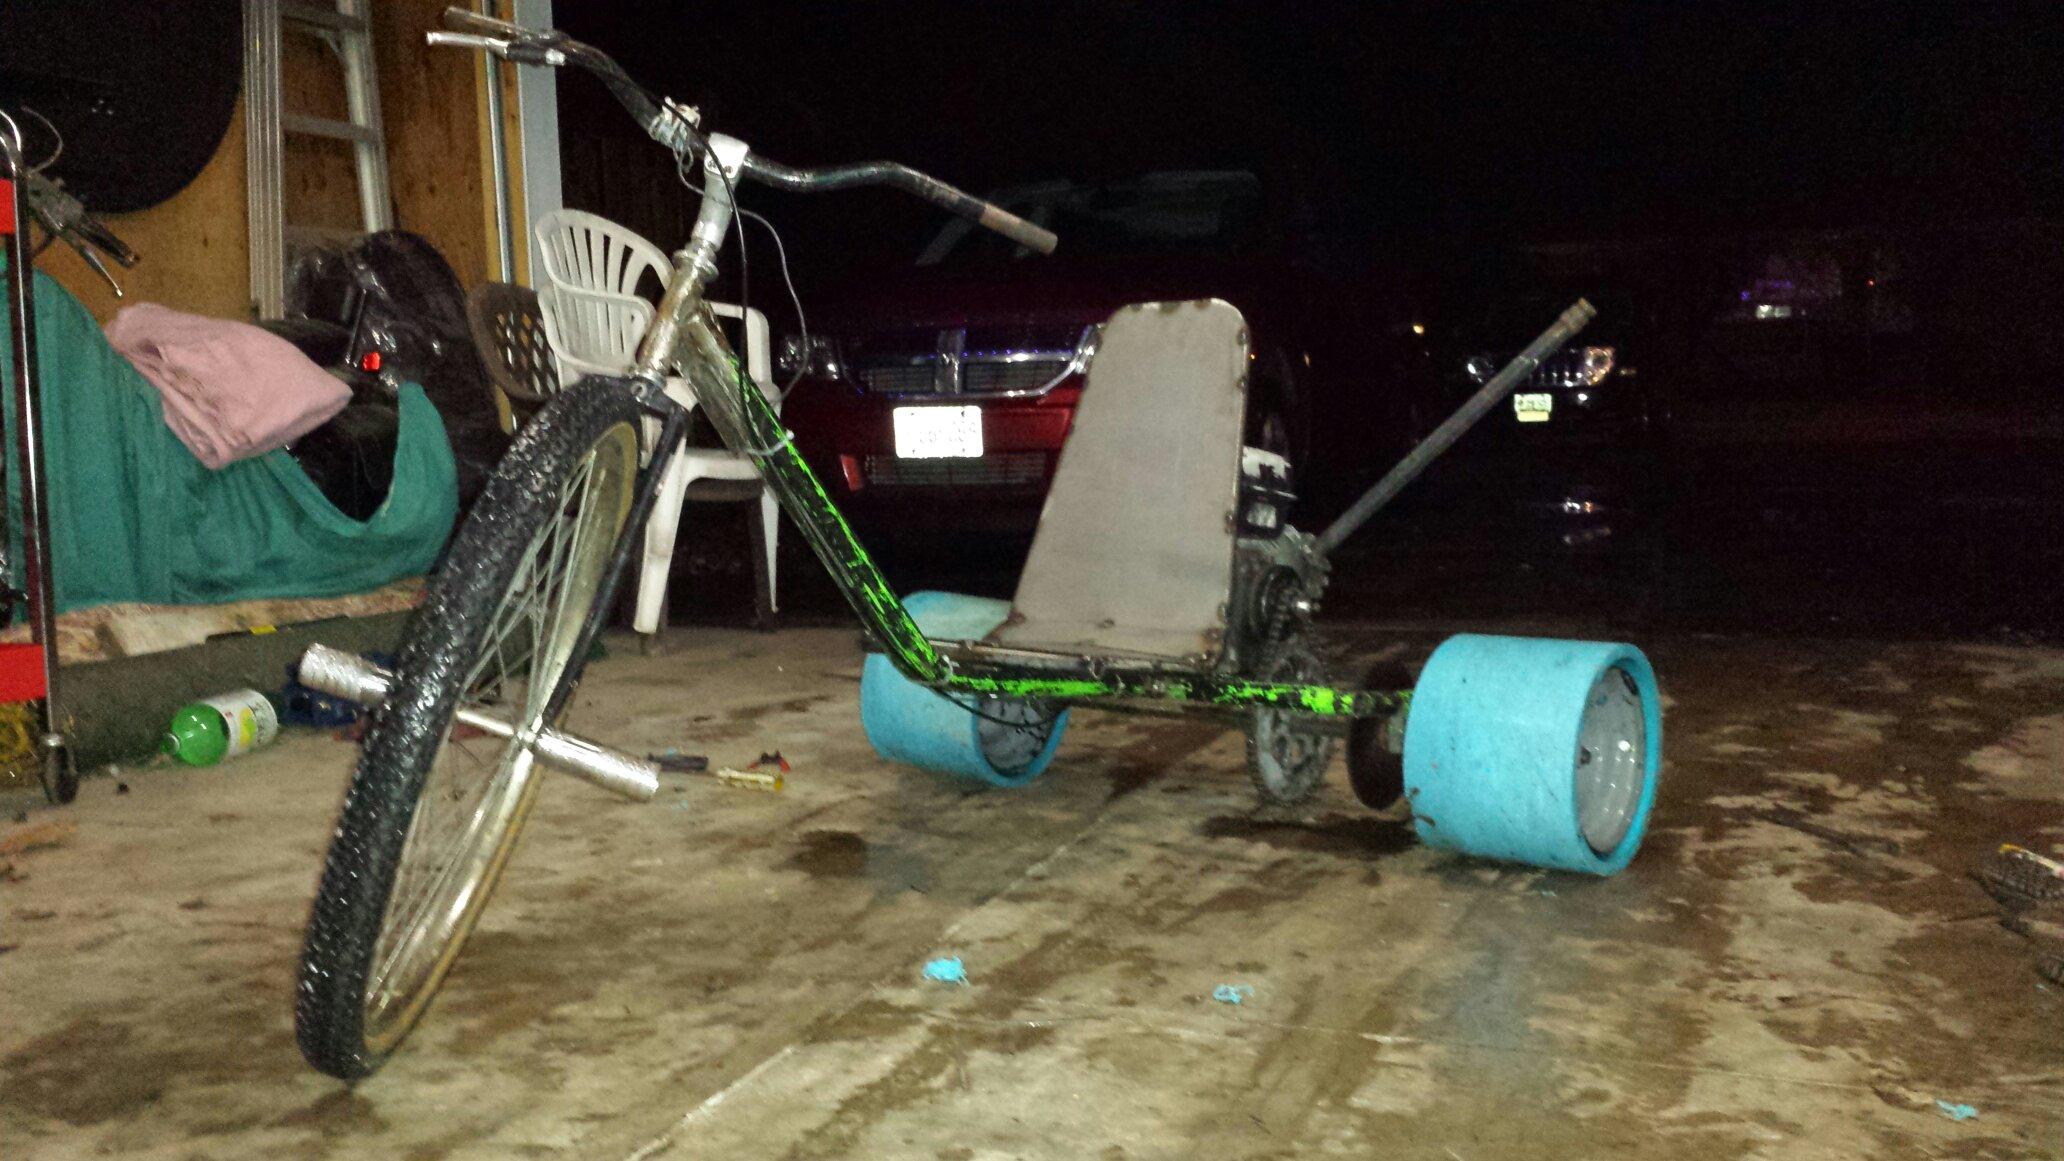 Drift trike made from an old go kart frame.